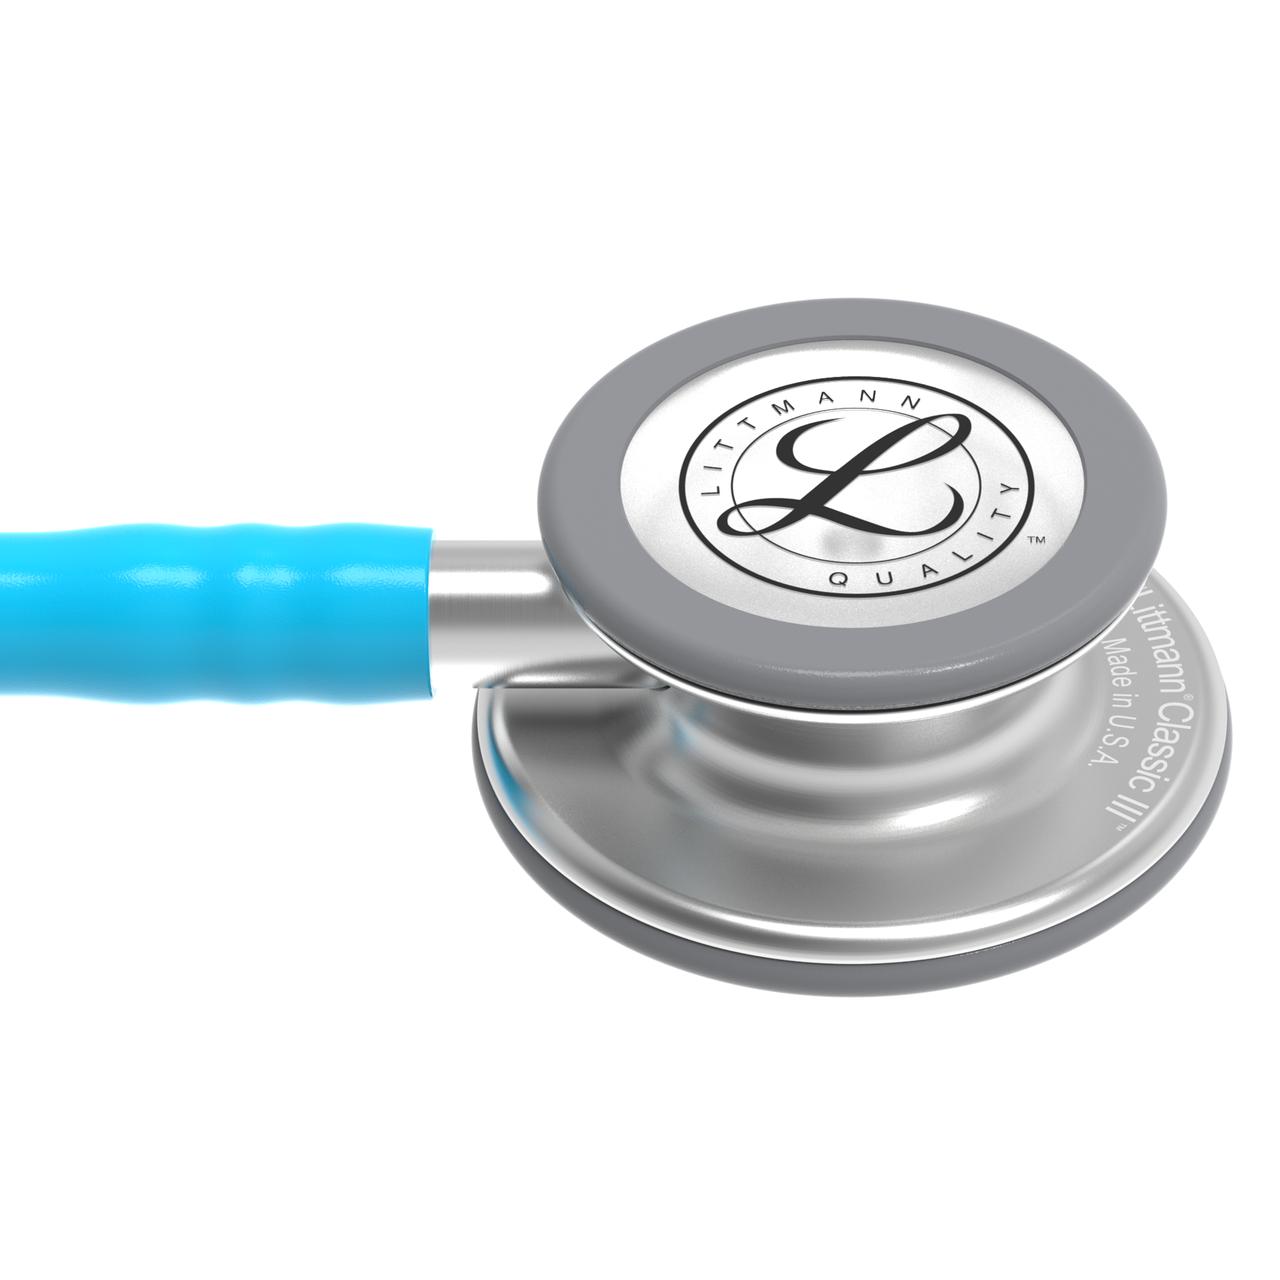 Littmann Classic III Stethoscope, Turquoise, 5835